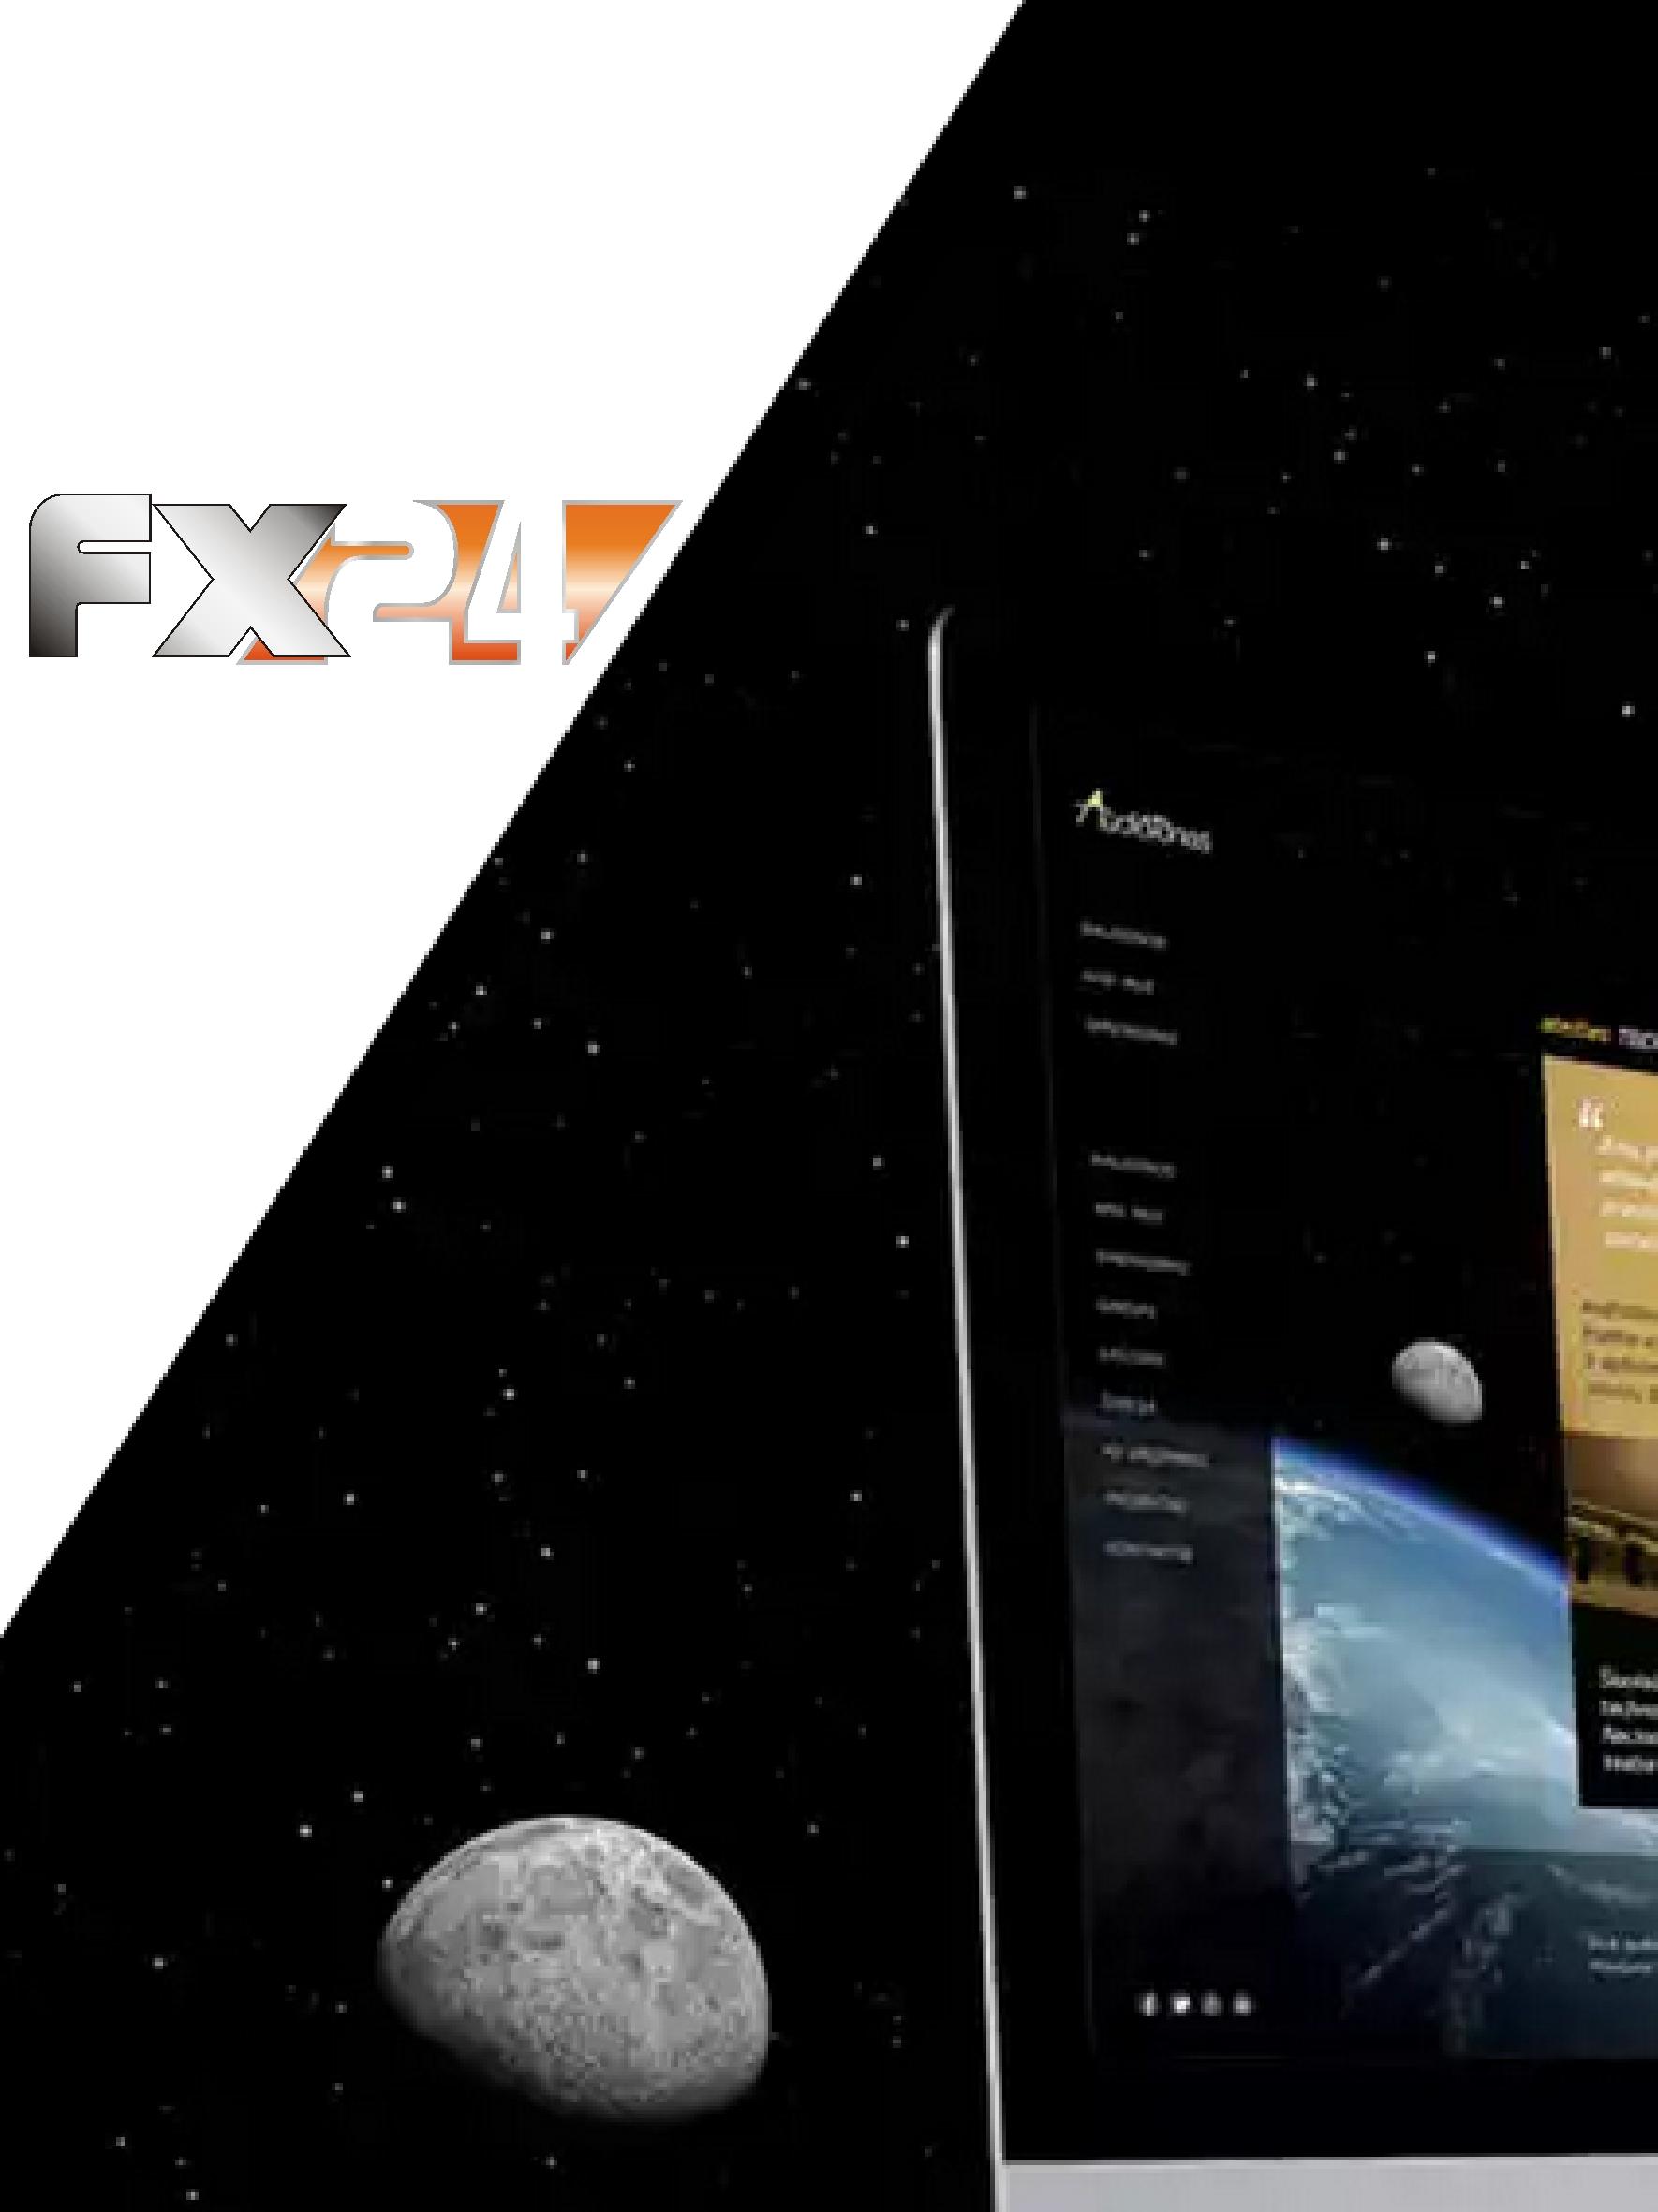 Разработка логотипа компании FX-24 фото f_18454532e3abd9f7.jpg